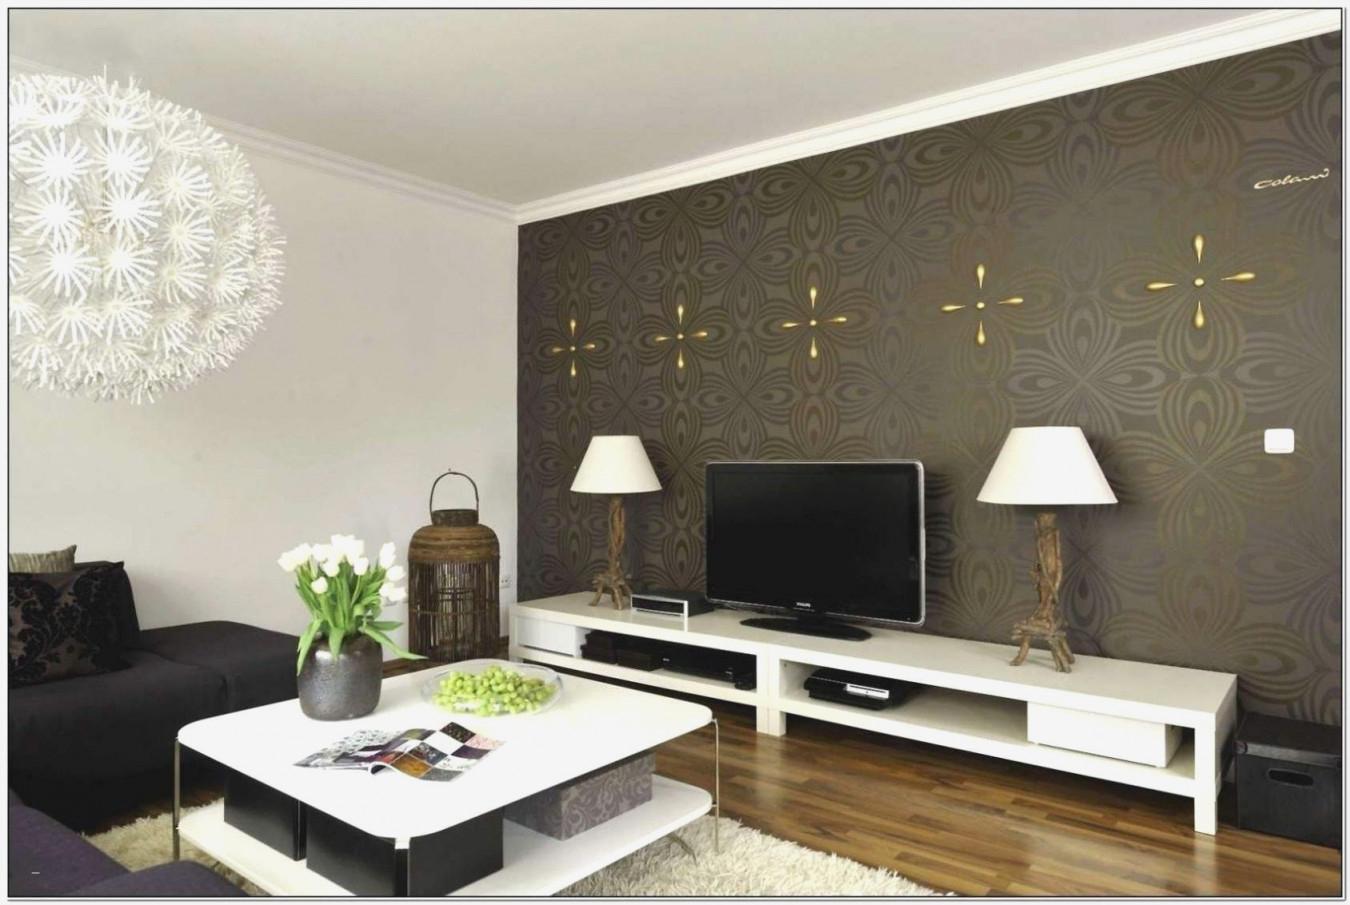 Wandgestaltung Wohnzimmer – Caseconrad von Ideen Für Wandgestaltung Wohnzimmer Bild